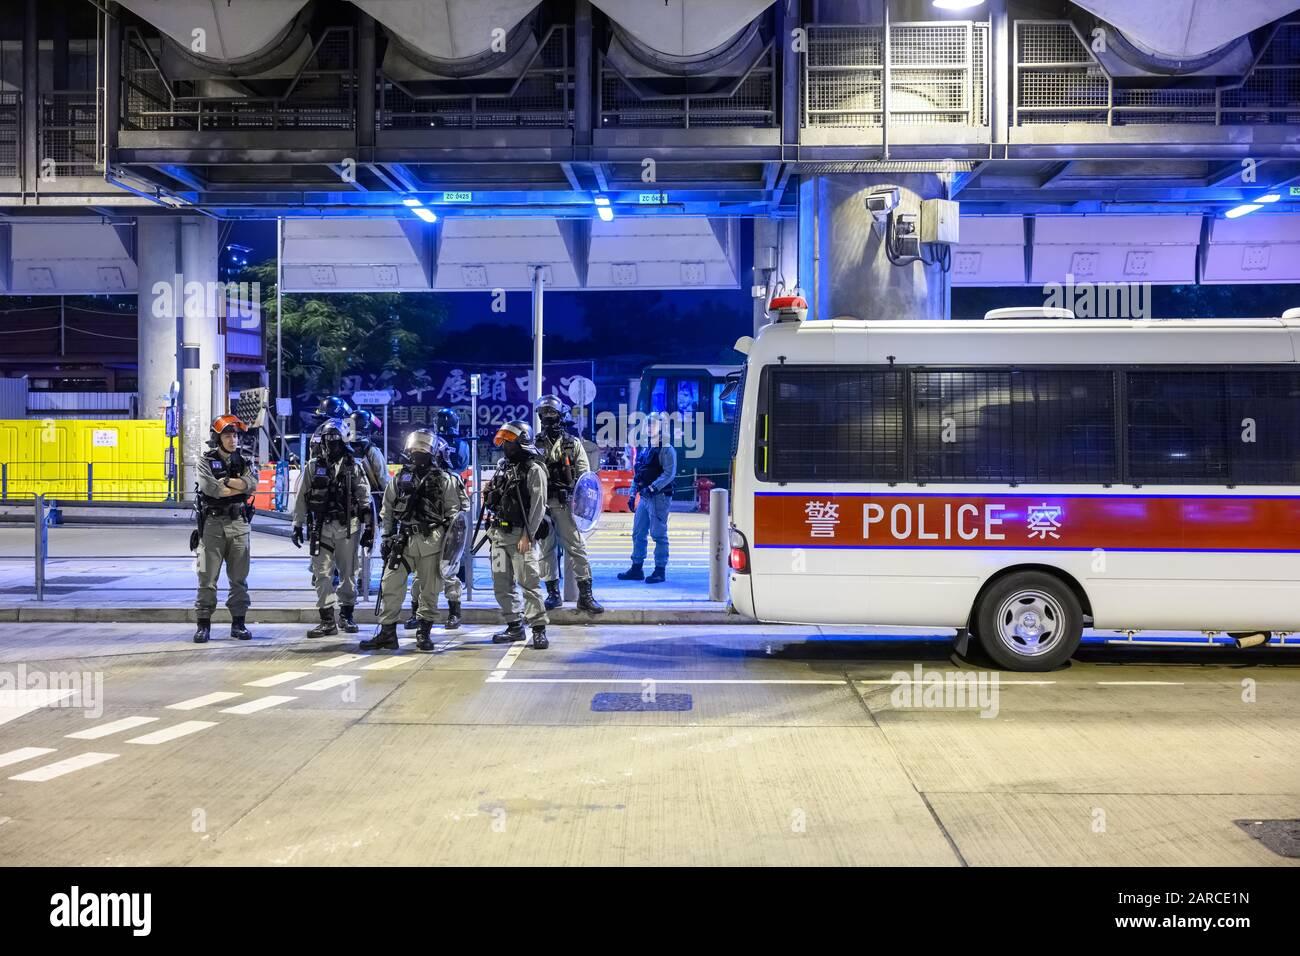 Hong Kong - Jan 21, 2020:  Peaceful sit down at Yuen Long MTR station. Protestors sticking up sign. Stock Photo